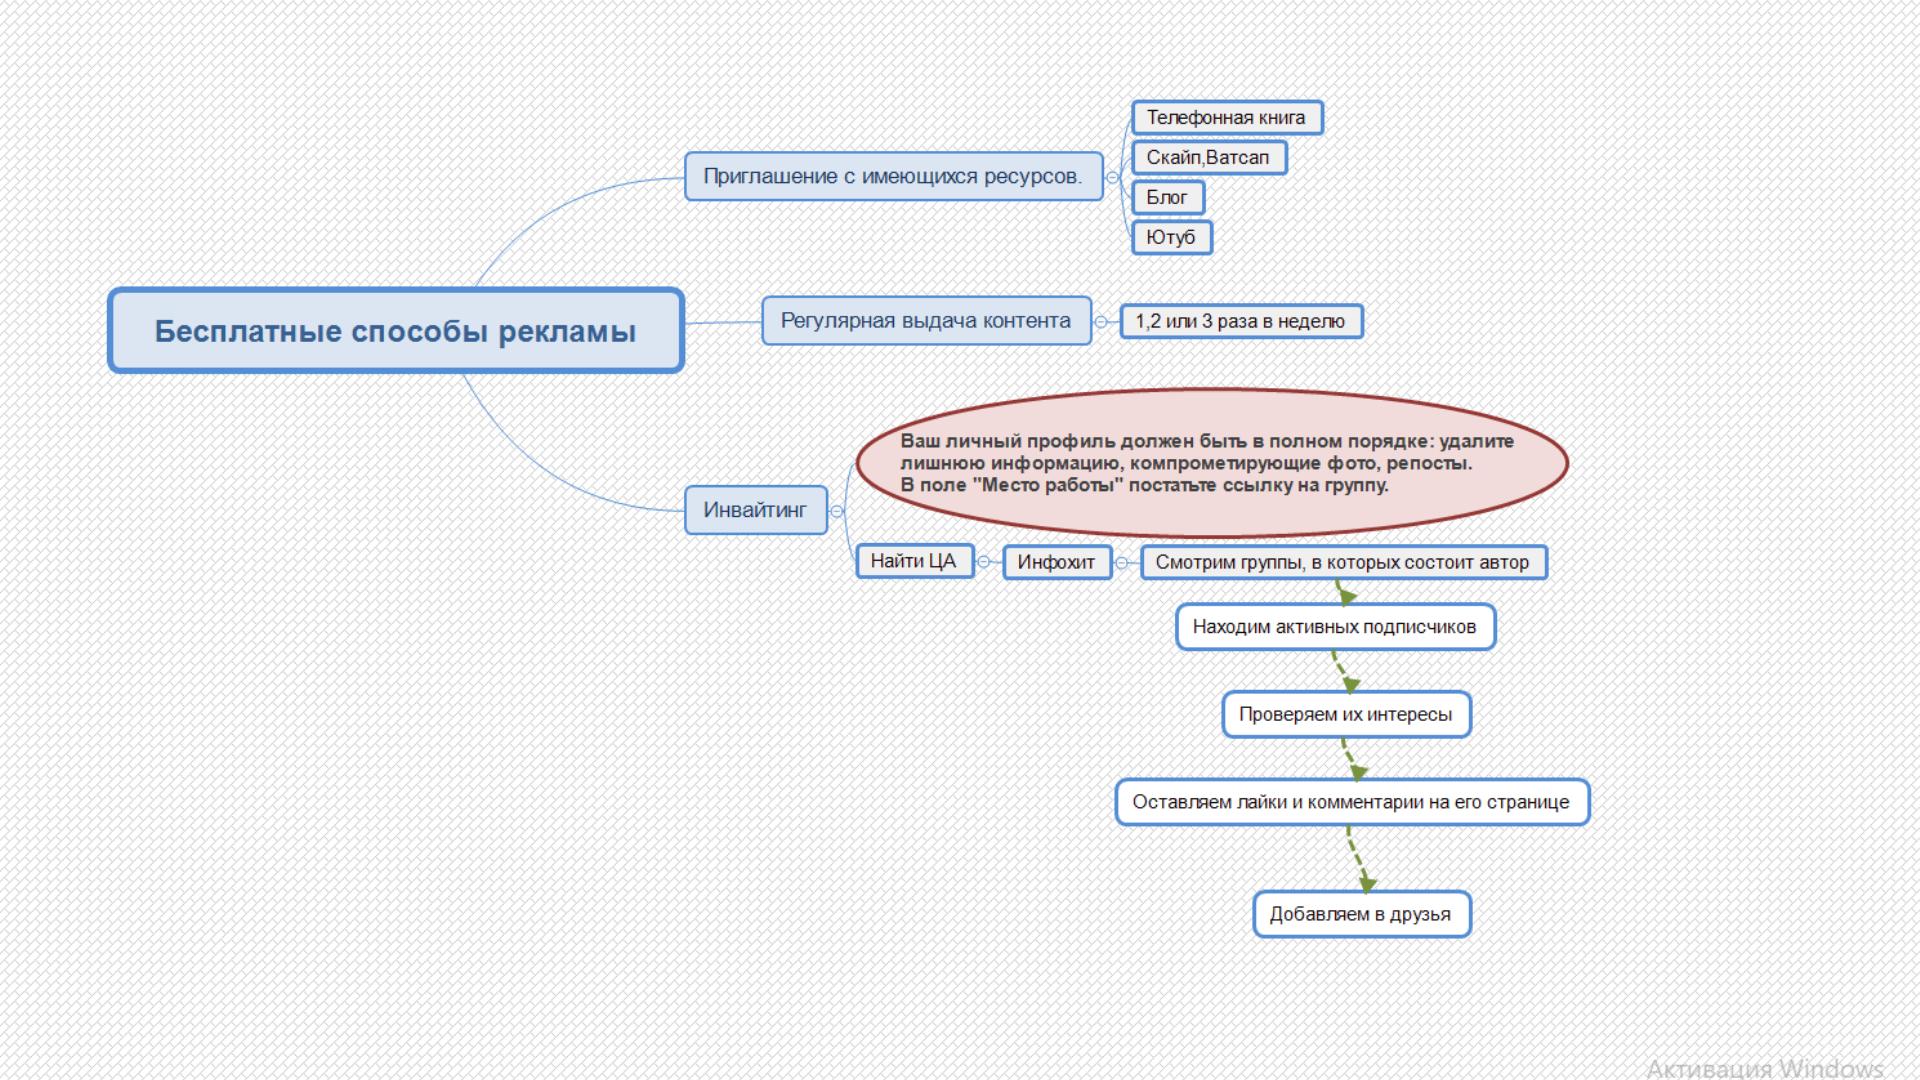 как рекламировать партнерскую ссылку в контакте